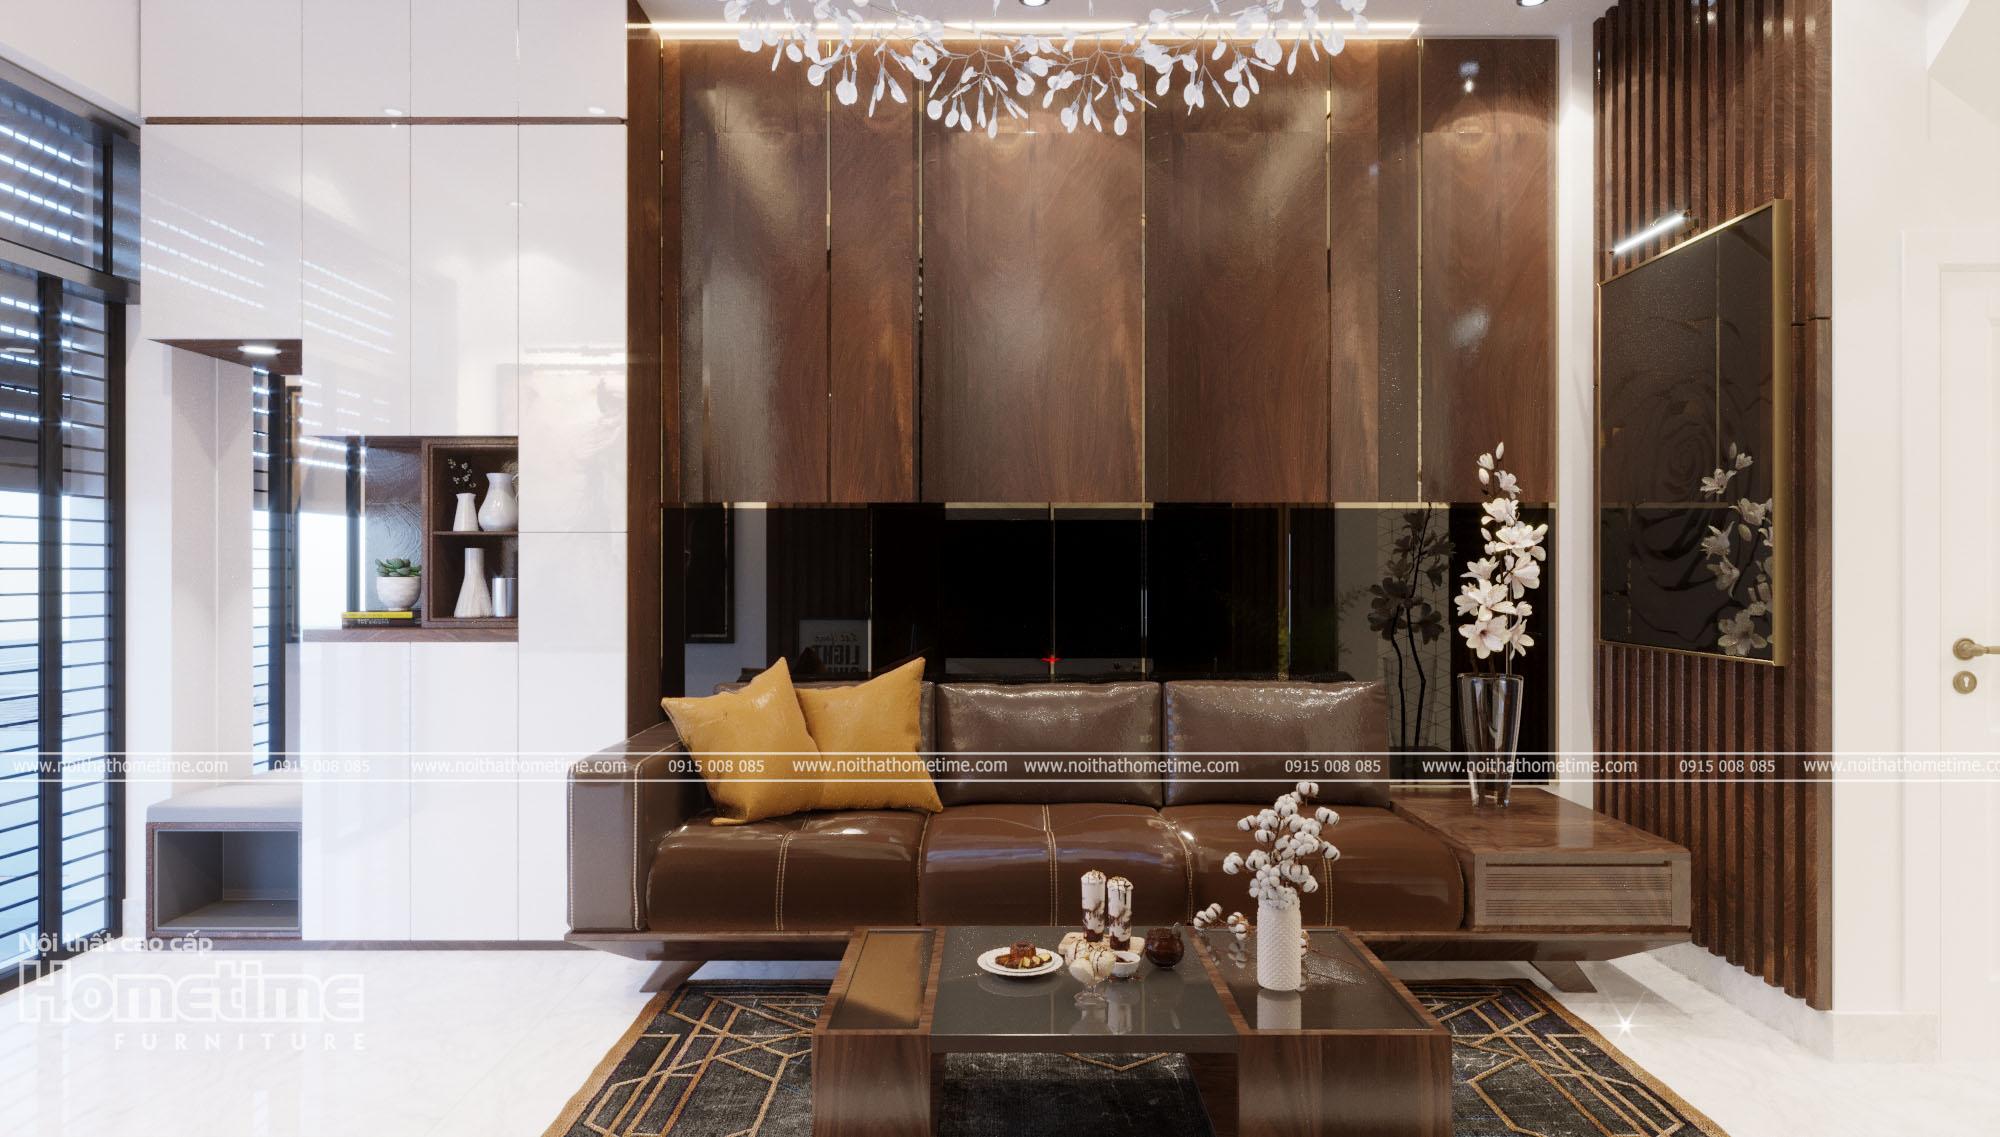 Thiết kế nội thất phòng khách với tông màu nâu chủ đạo